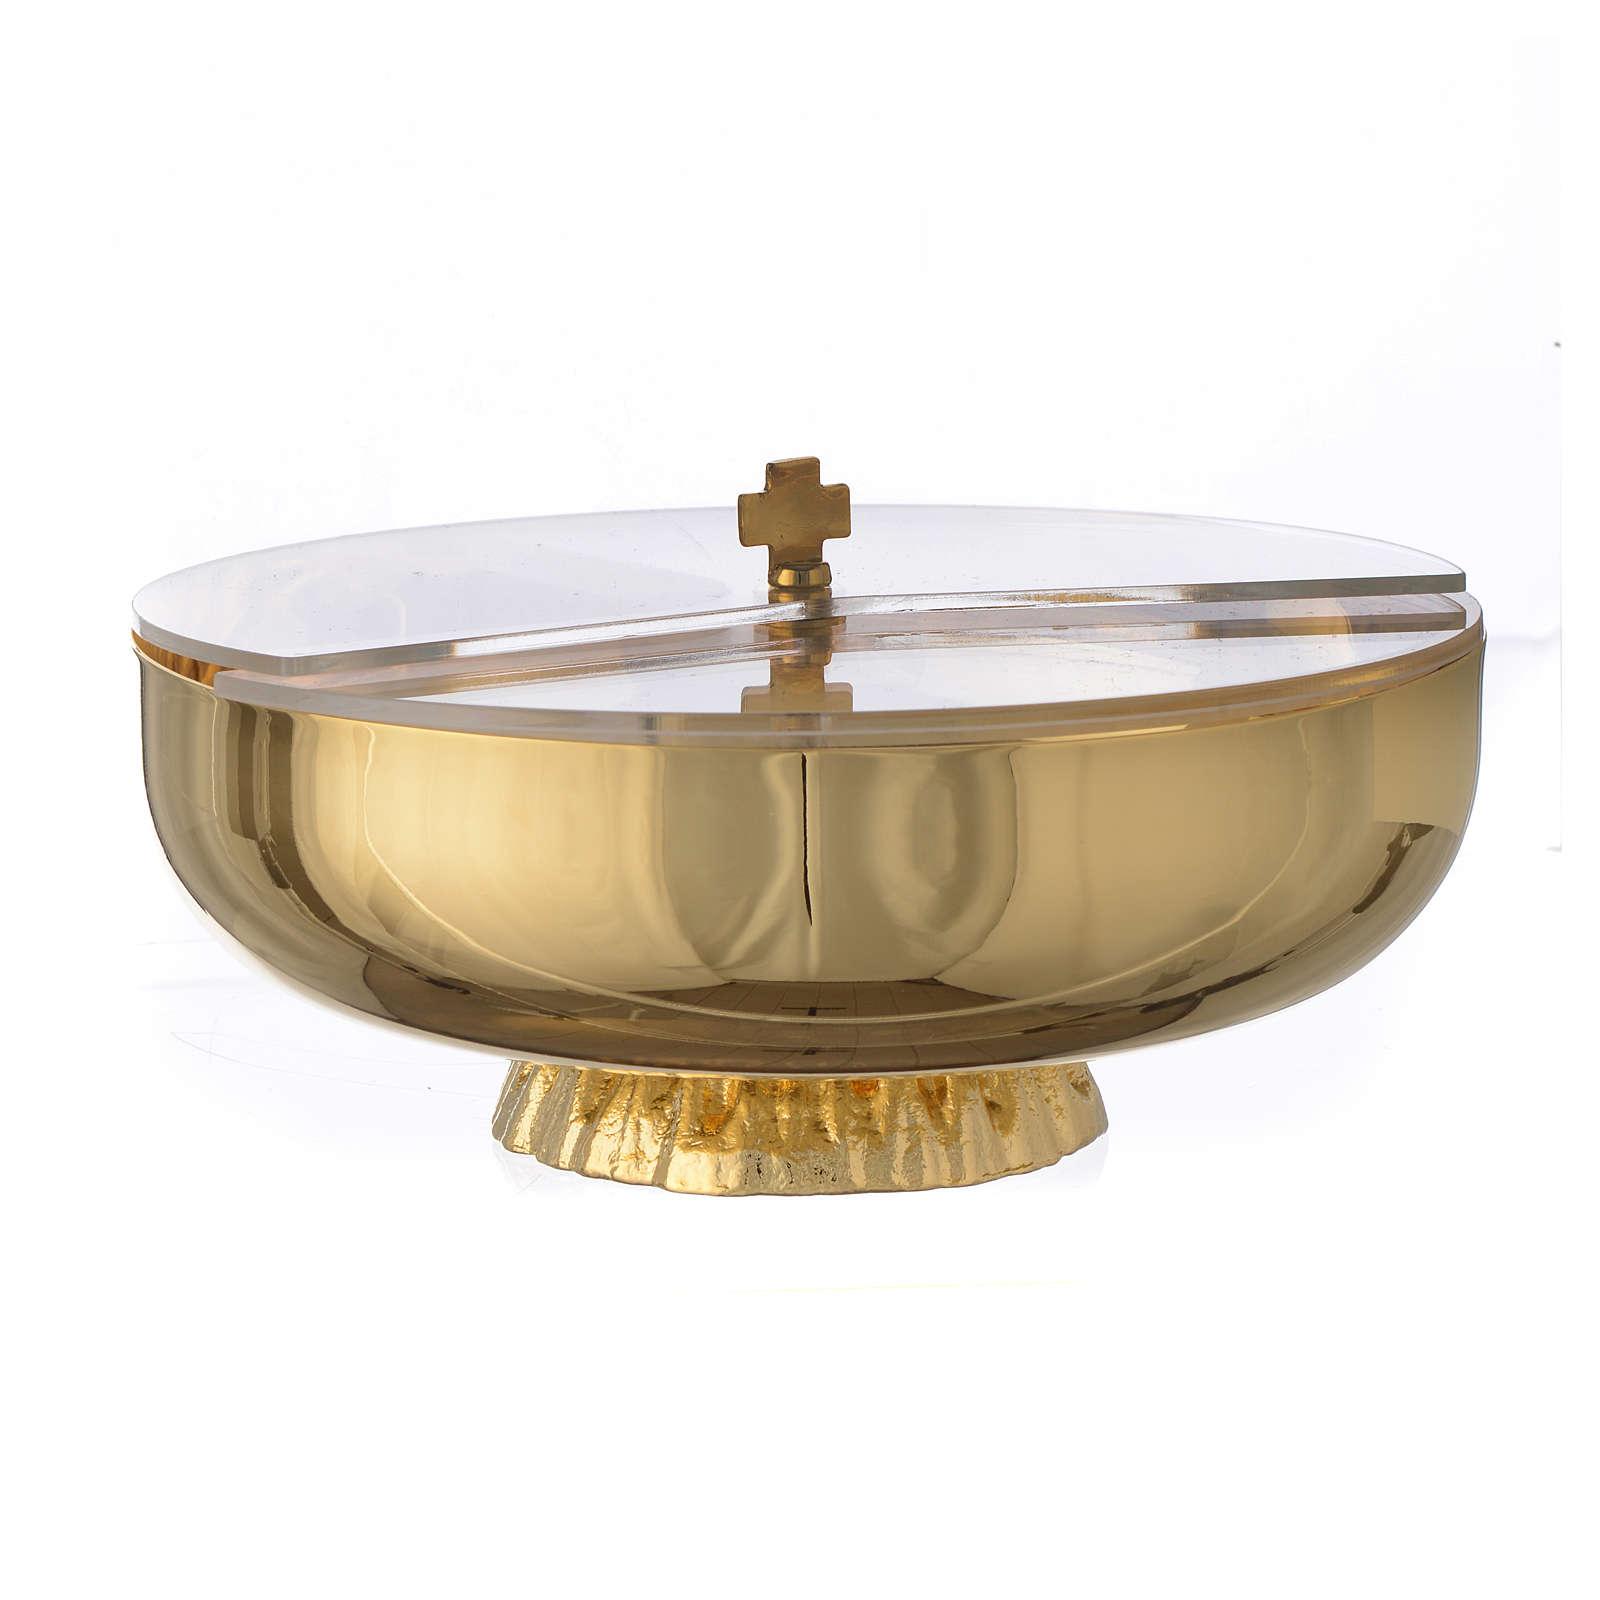 Transparent plexiglass ciborium lid, 14cm diameter 4